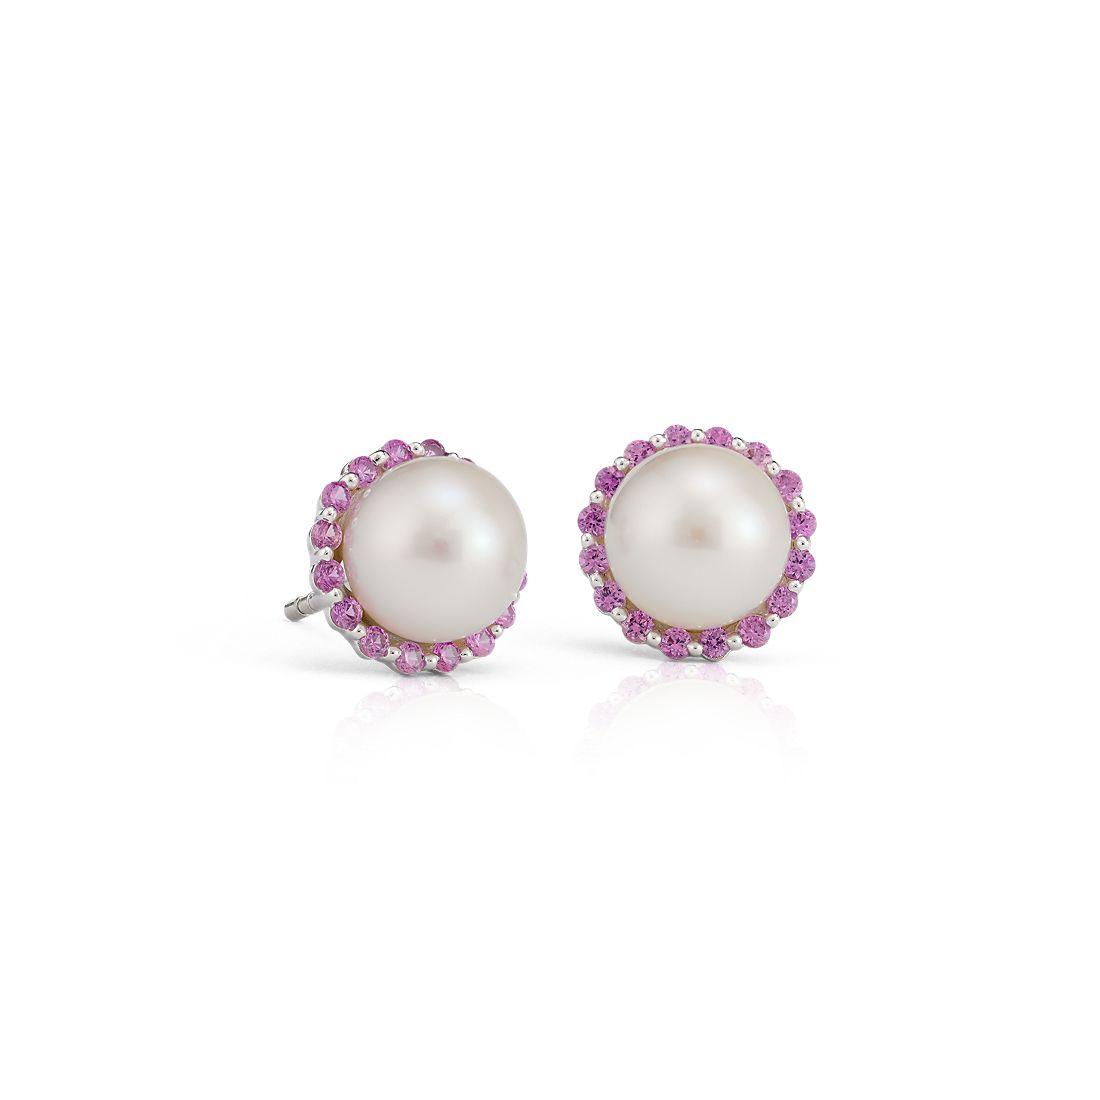 NUEVO. Aretes con halo de zafiros rosados y perlas cultivadas de agua dulce, en oro blanco de 14k (7mm)